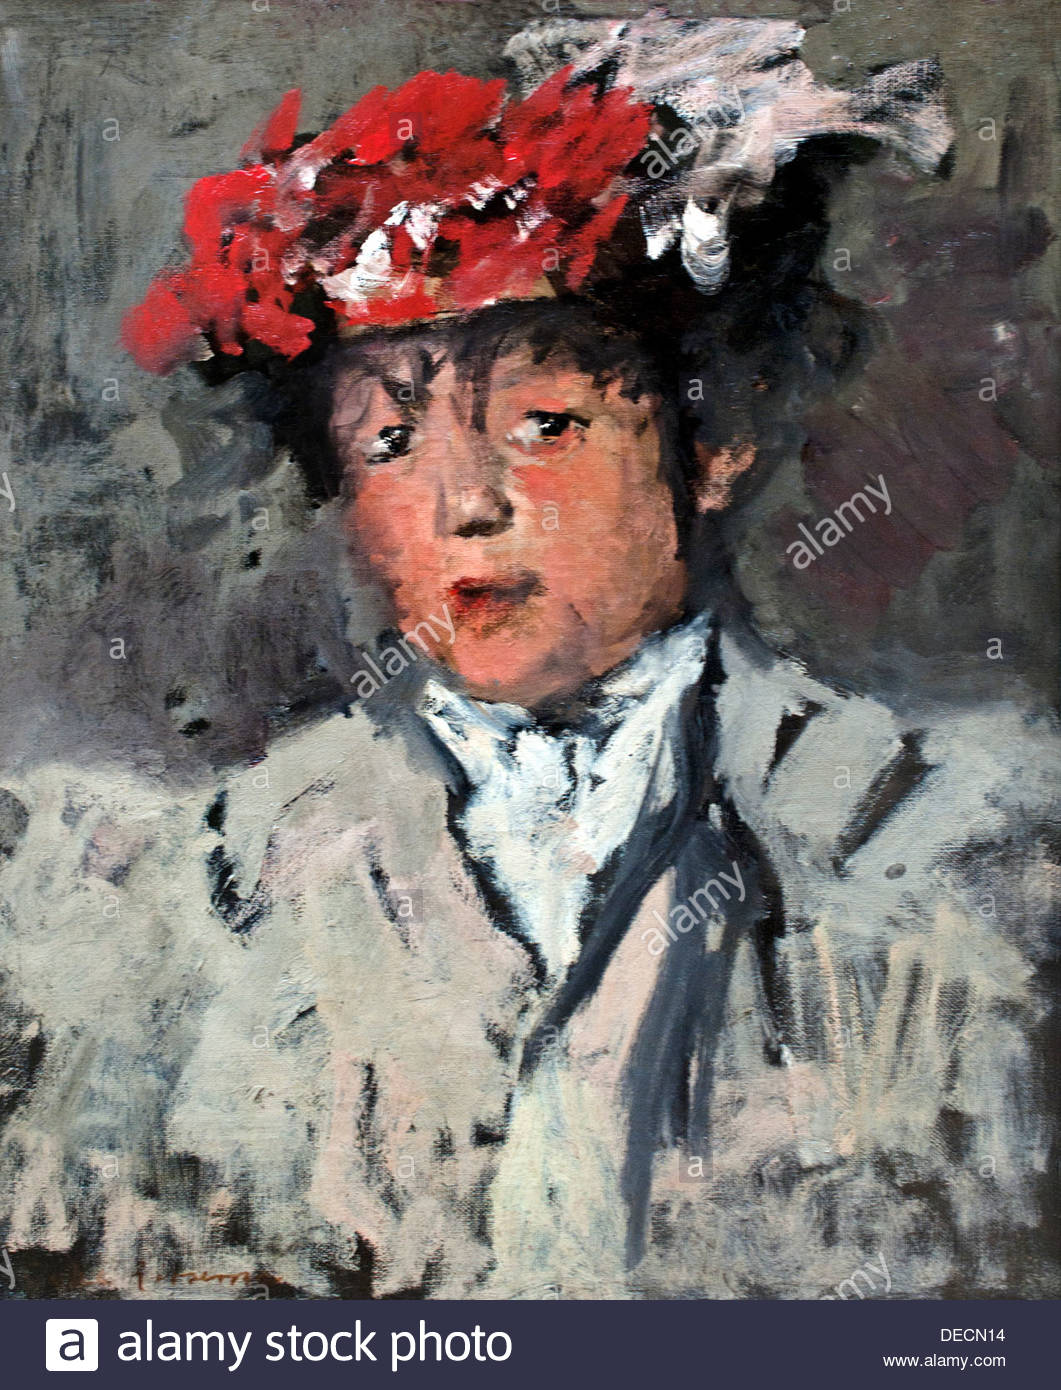 Amy Austria (b. 1961)